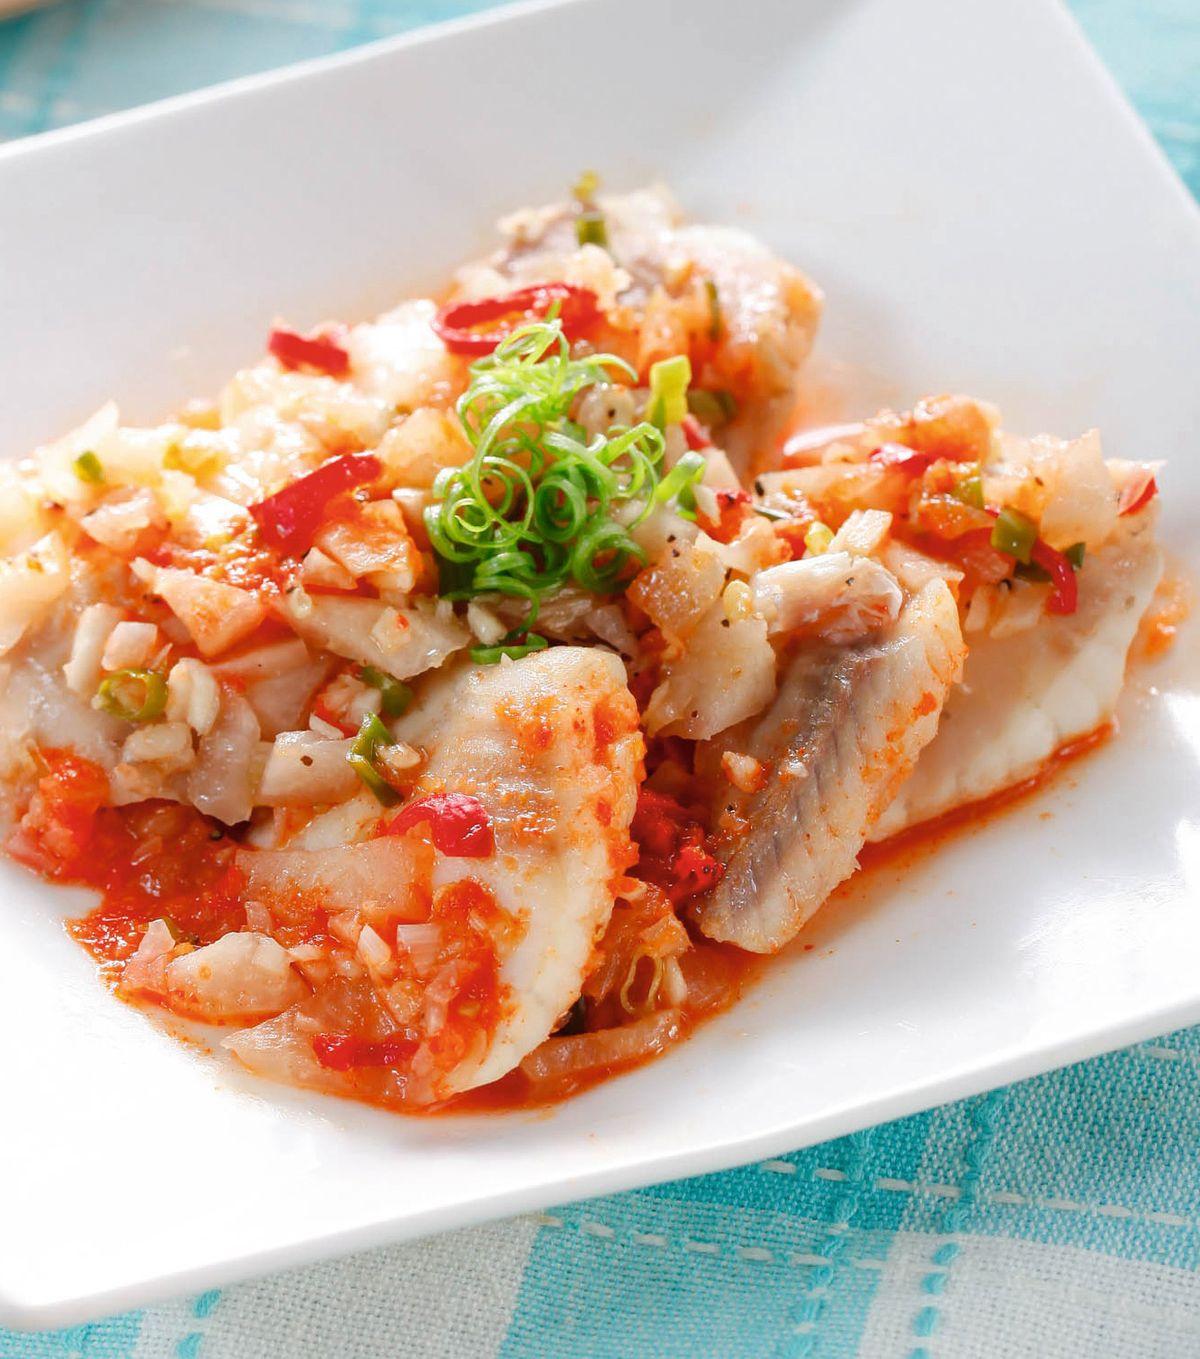 食譜:泡菜蒸魚片